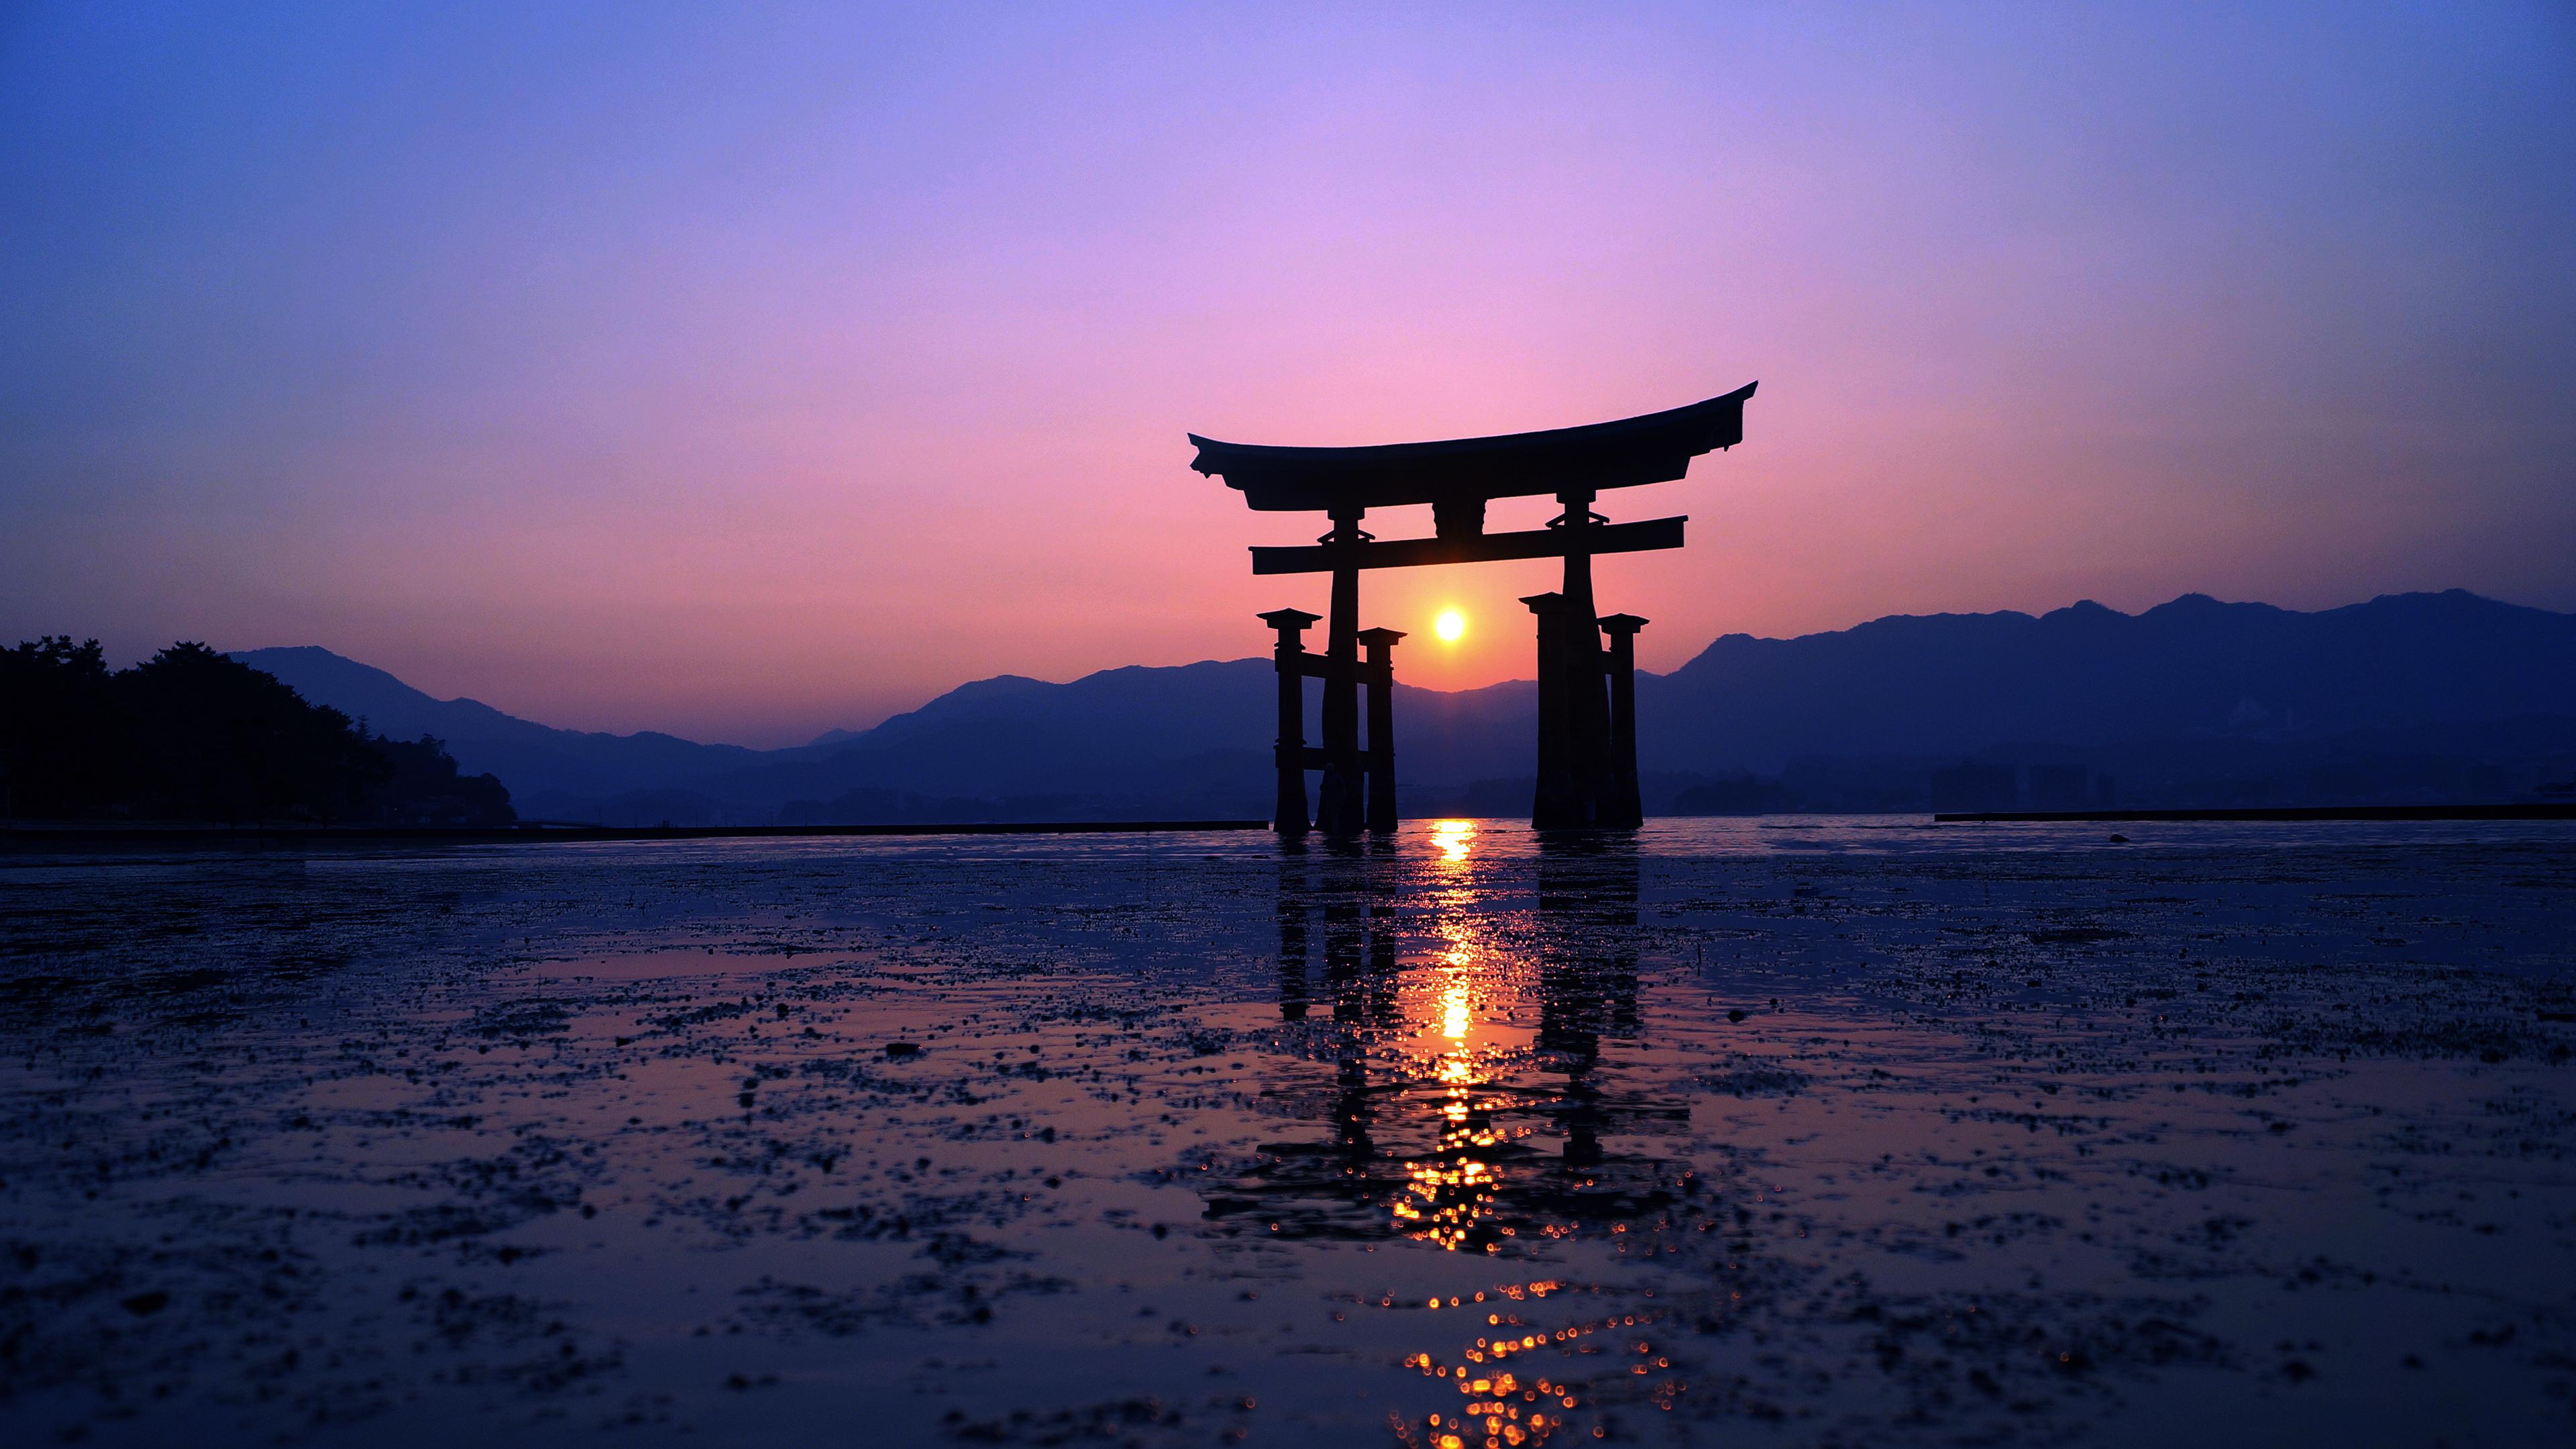 Fond d'écran : Japon, Sony, Norvège, Horten, Porte tori, Tori, le coucher du soleil, Soleil ...